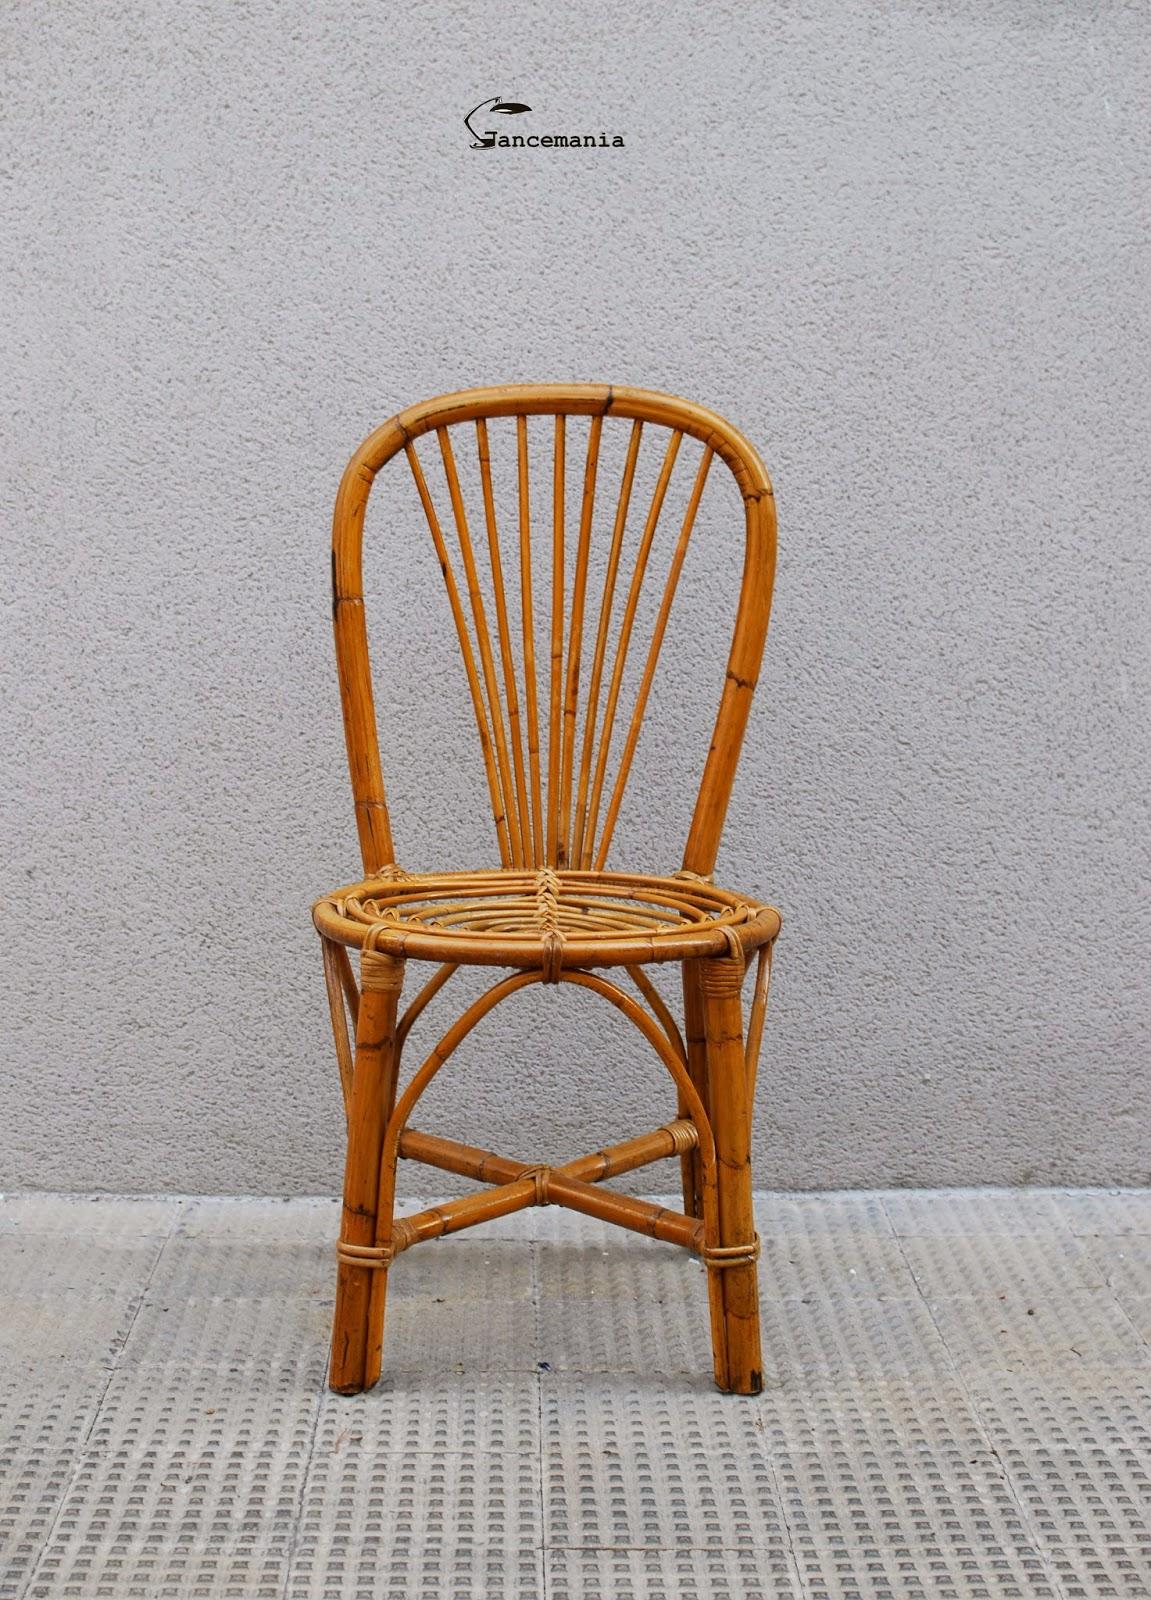 Gancemania mobiliario siglo xx y l mparas fase interior designers sillas mimbre a os 70 - Sillas de bambu ...